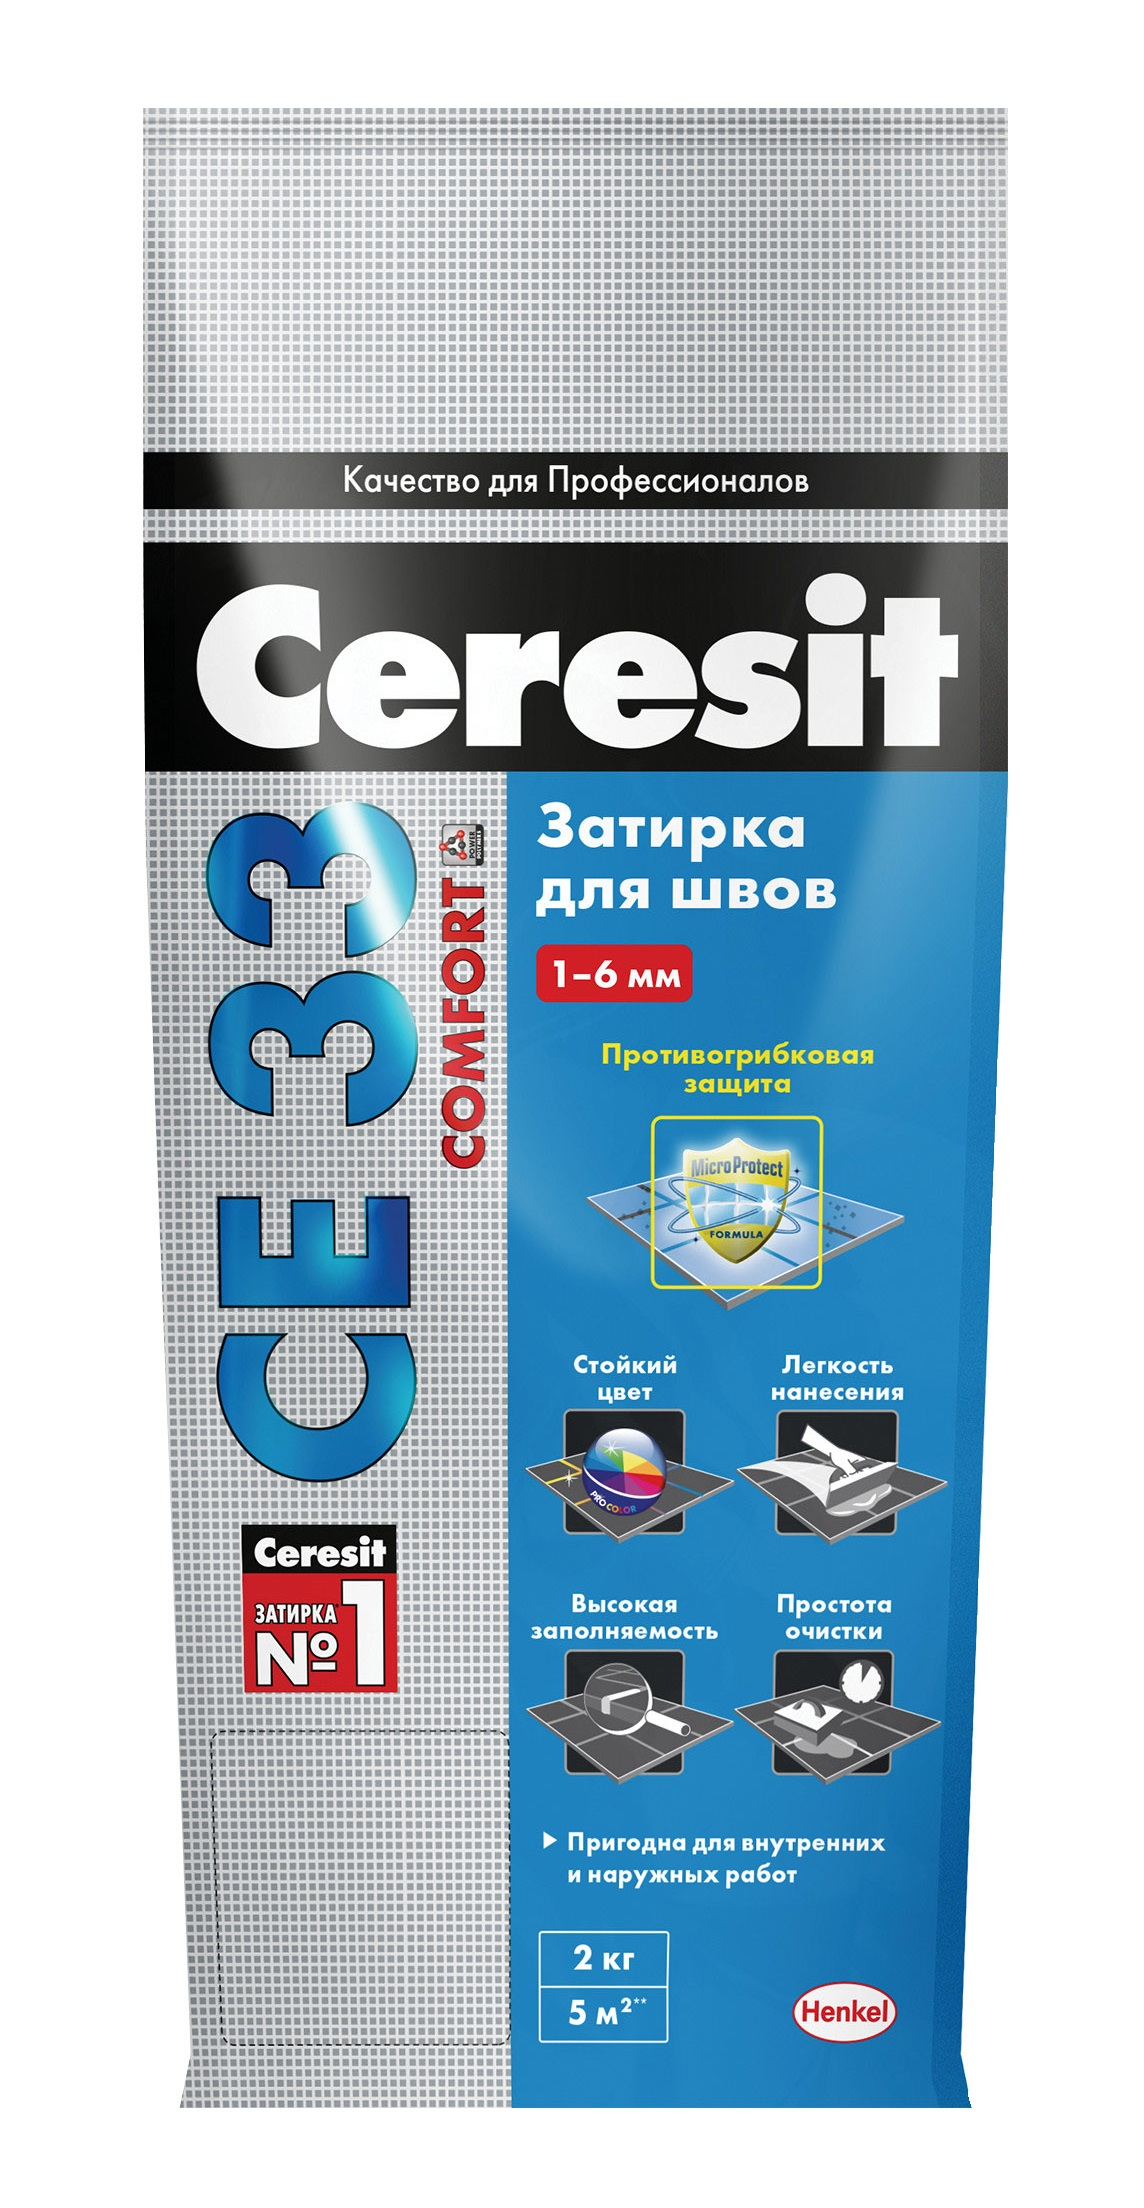 Затирка CERESIT CE33 №40 (жасмин) 2кг - фото